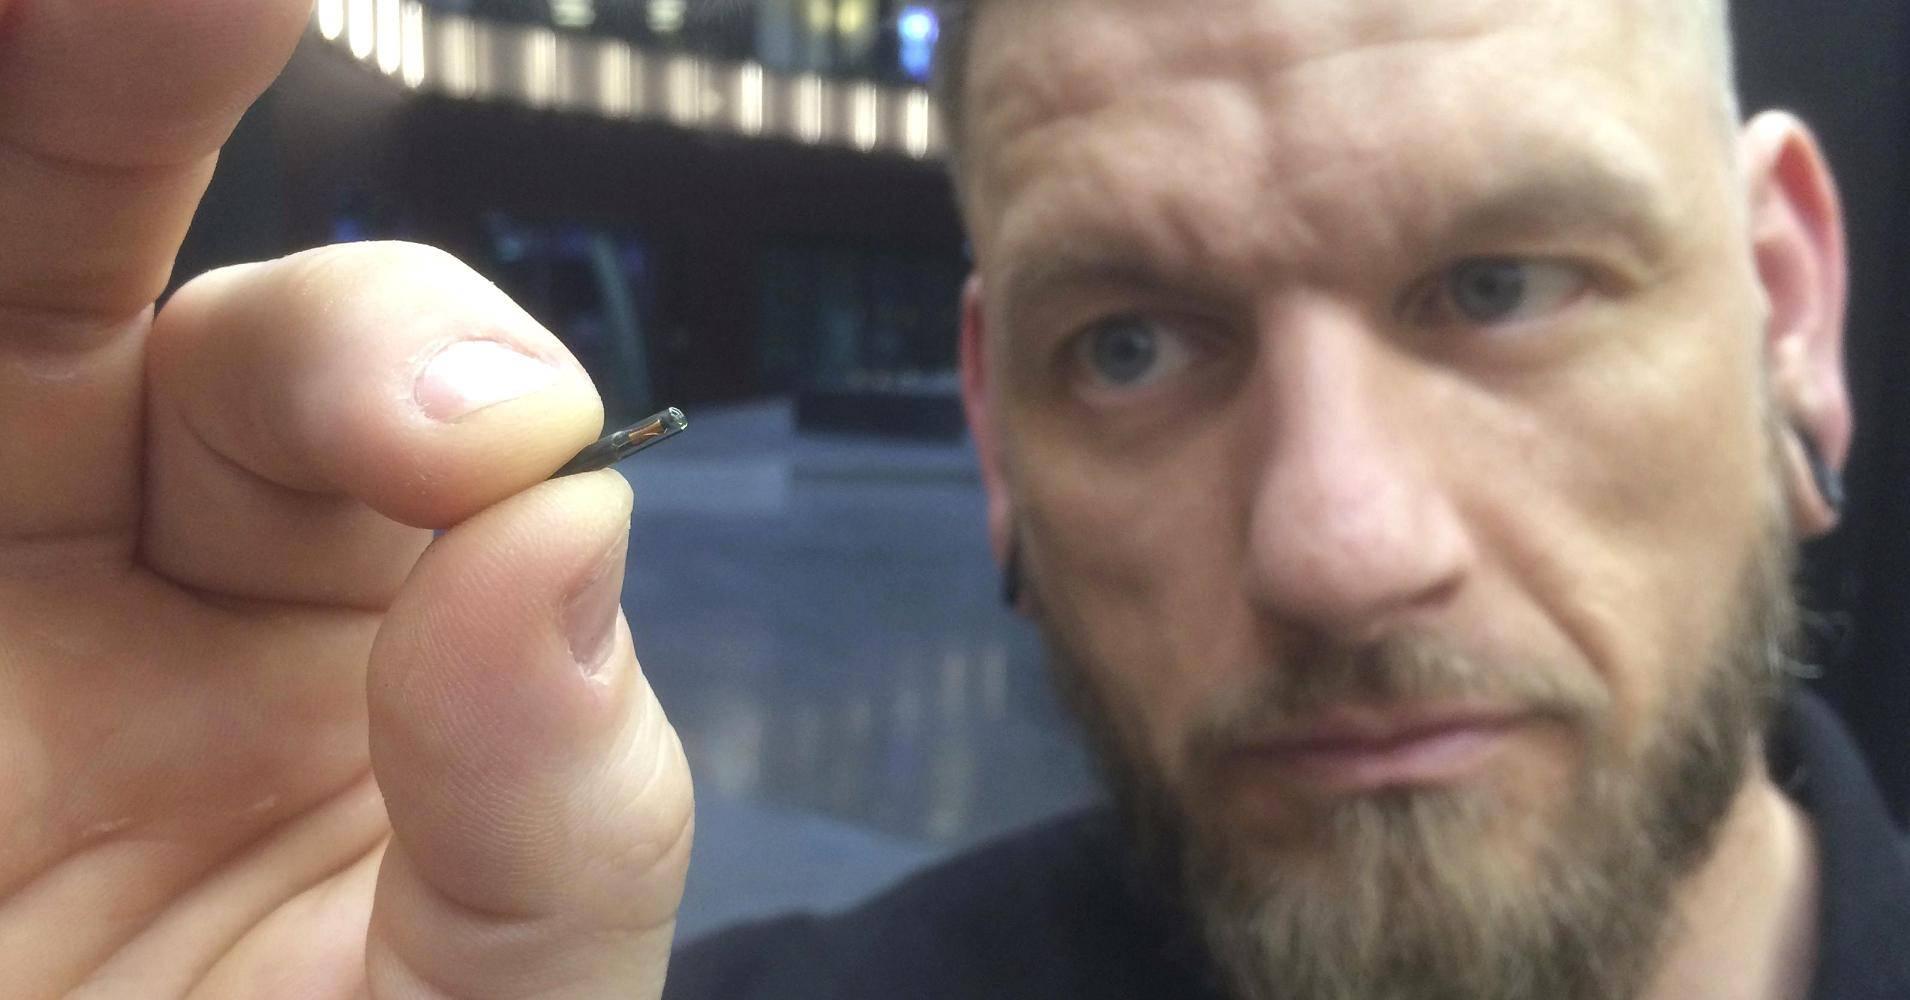 Biohacking: Miles de suecos se implantan chips en sus cuerpos para hacer sus tareas diarias